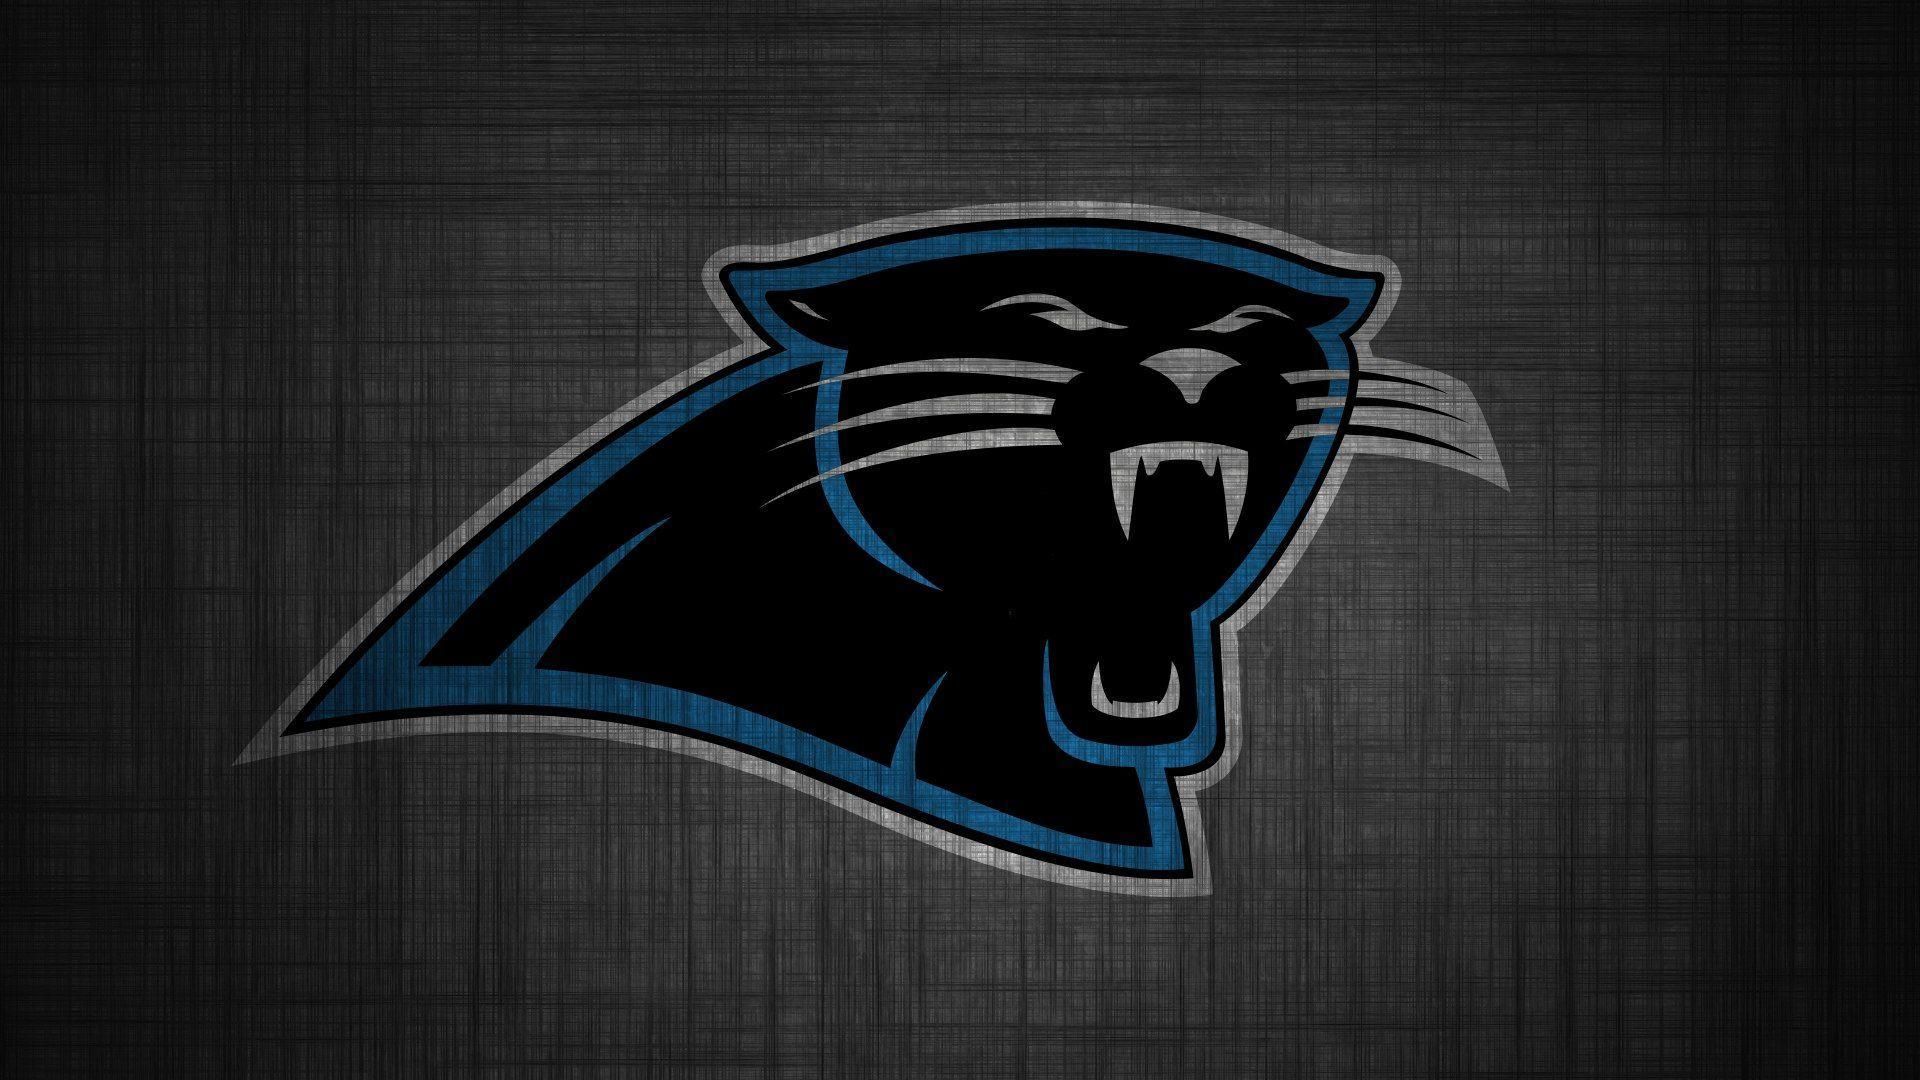 Carolina Panthers Wallpapers Wallpaper Cave